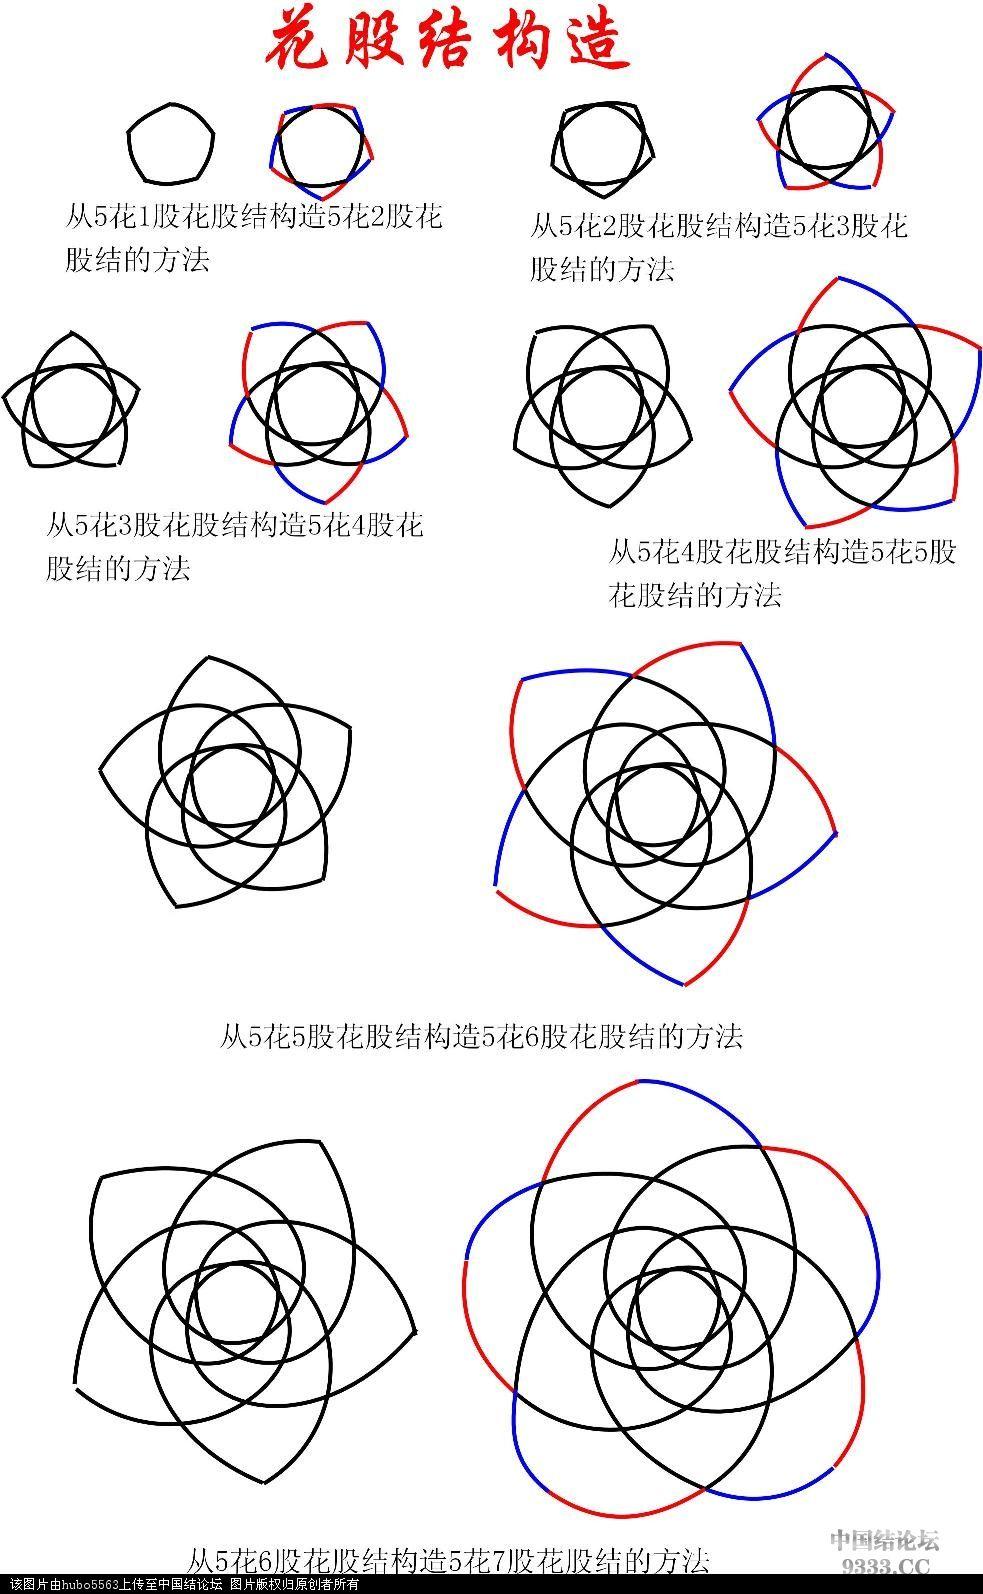 花股结的构造方法.jpg